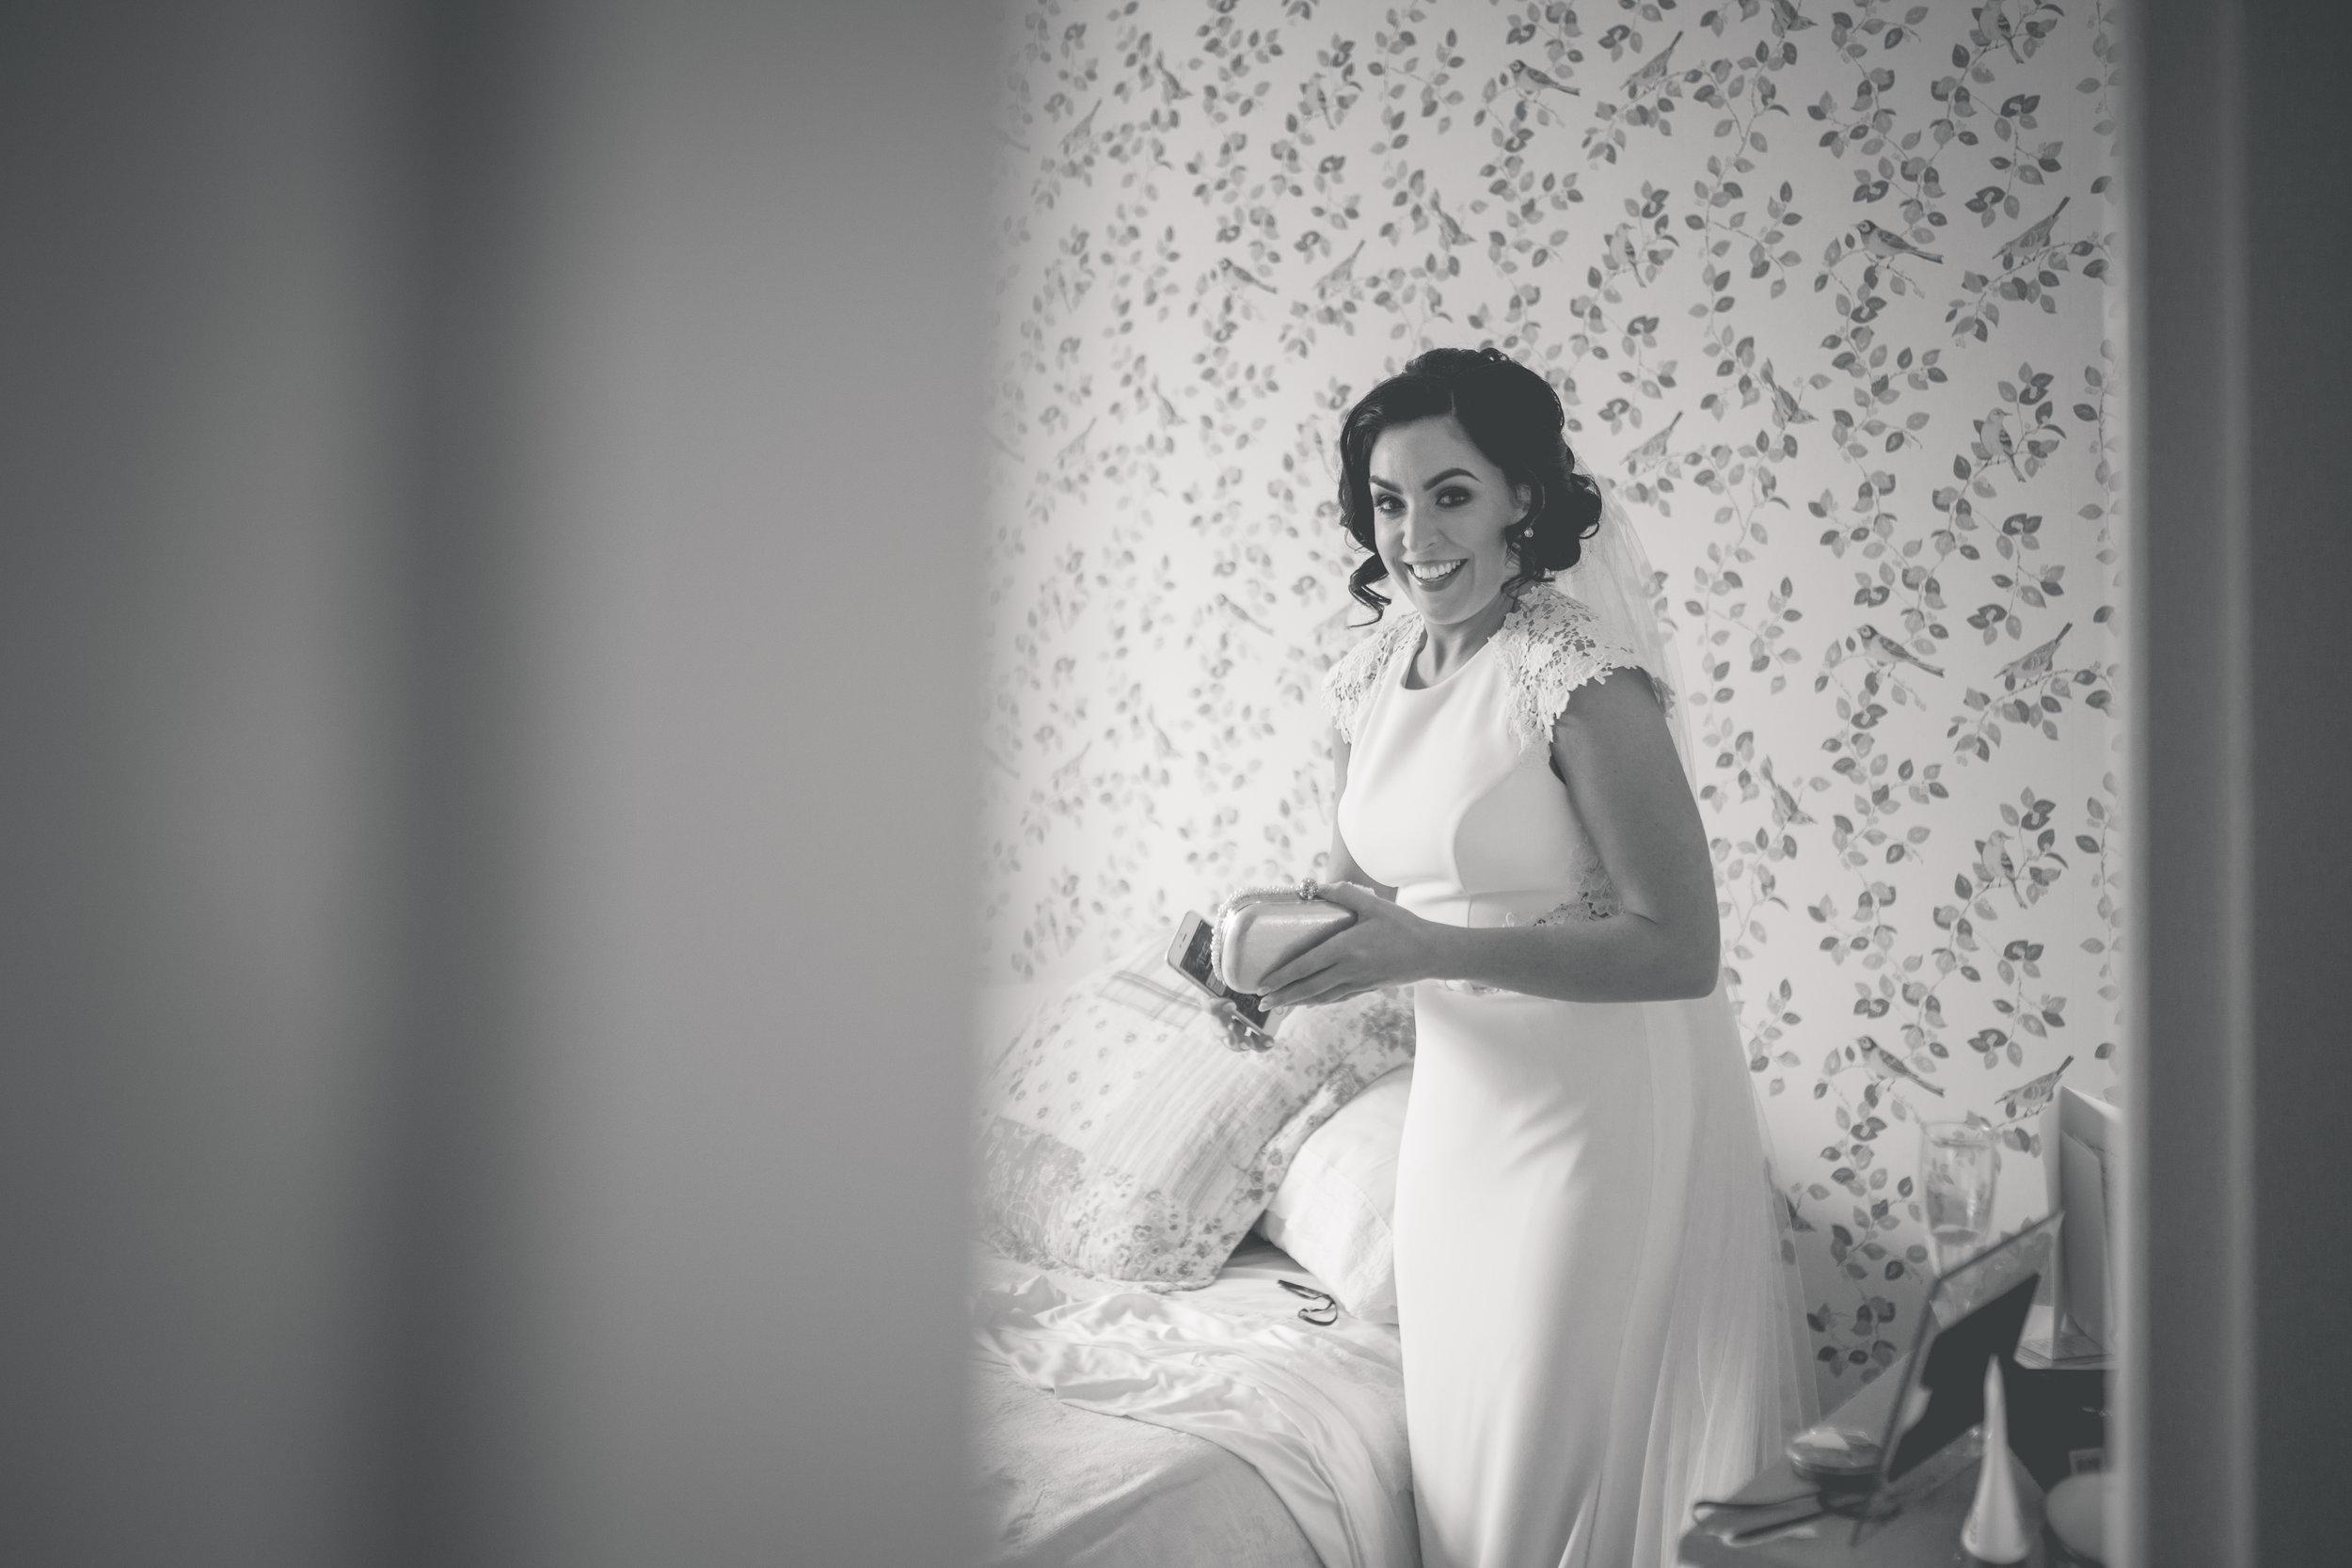 Brian McEwan Wedding Photography | Carol-Anne & Sean | Bridal Preparations-140.jpg